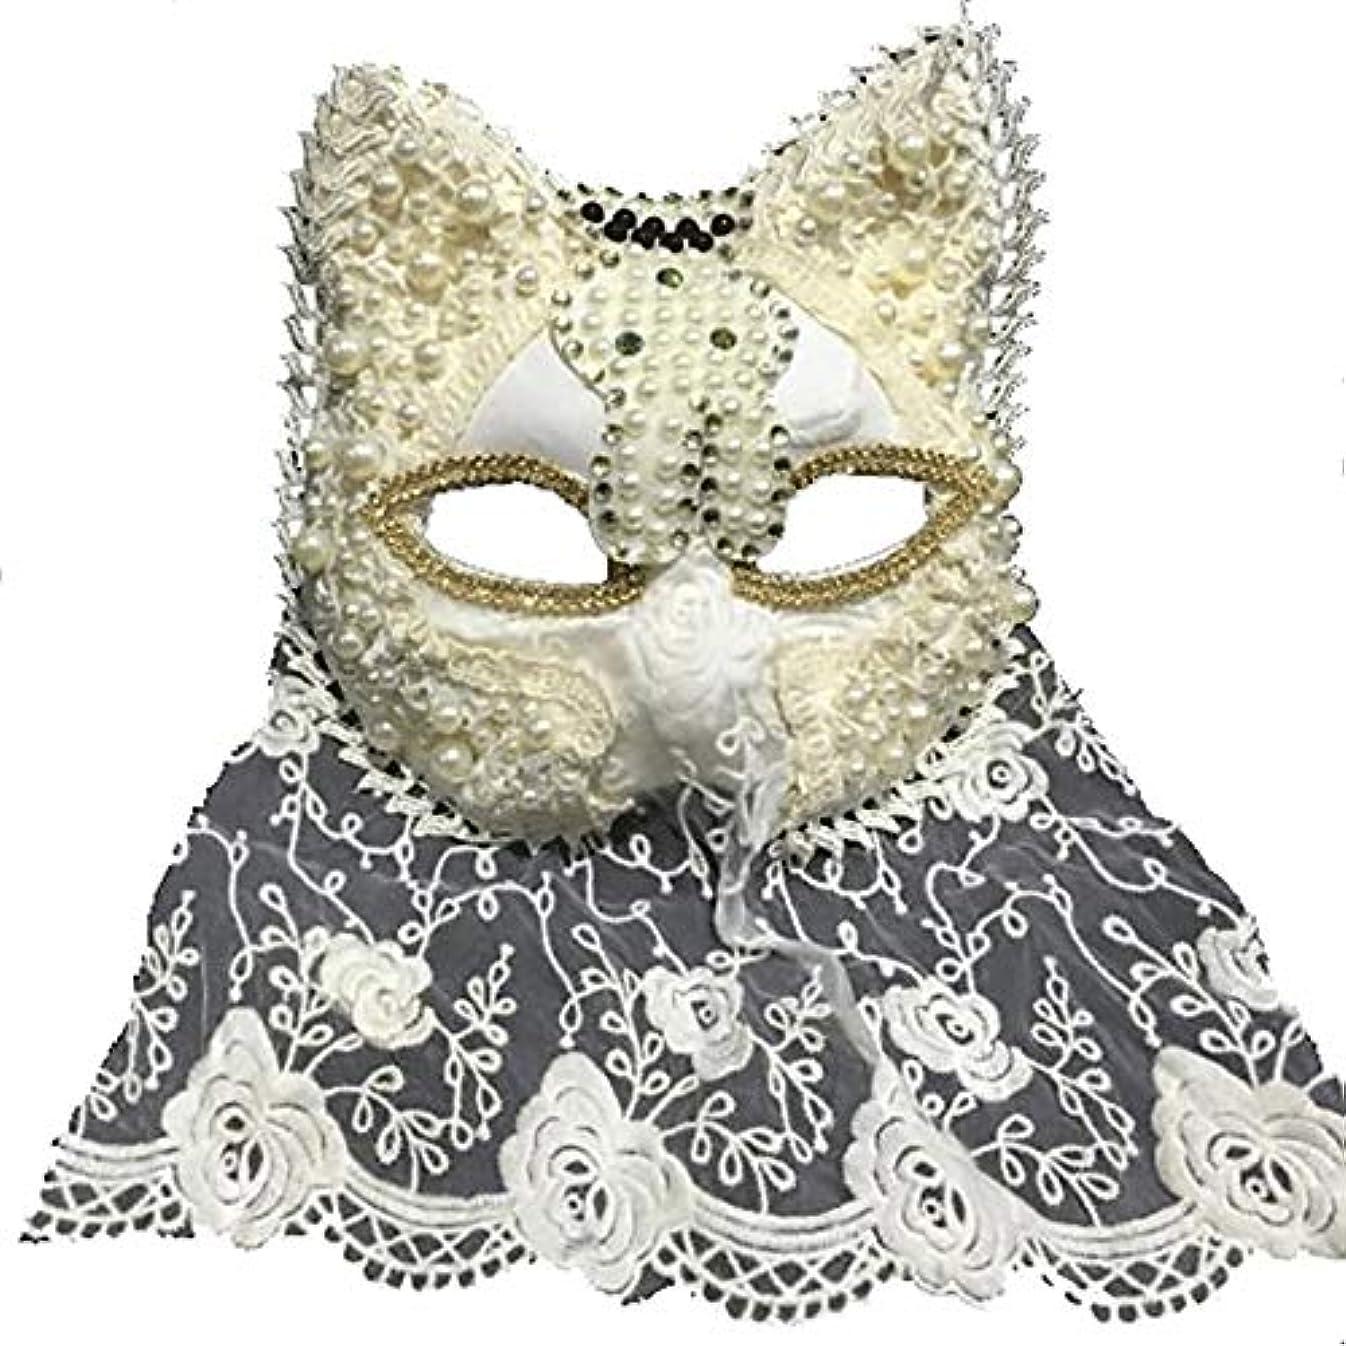 対処正しい支払いNanle ハロウィーンクリスマスフリンジフェザーフラワークリスタルビーズマスク仮装マスクレディミスプリンセス美容祭パーティーデコレーションマスク (色 : Style F)